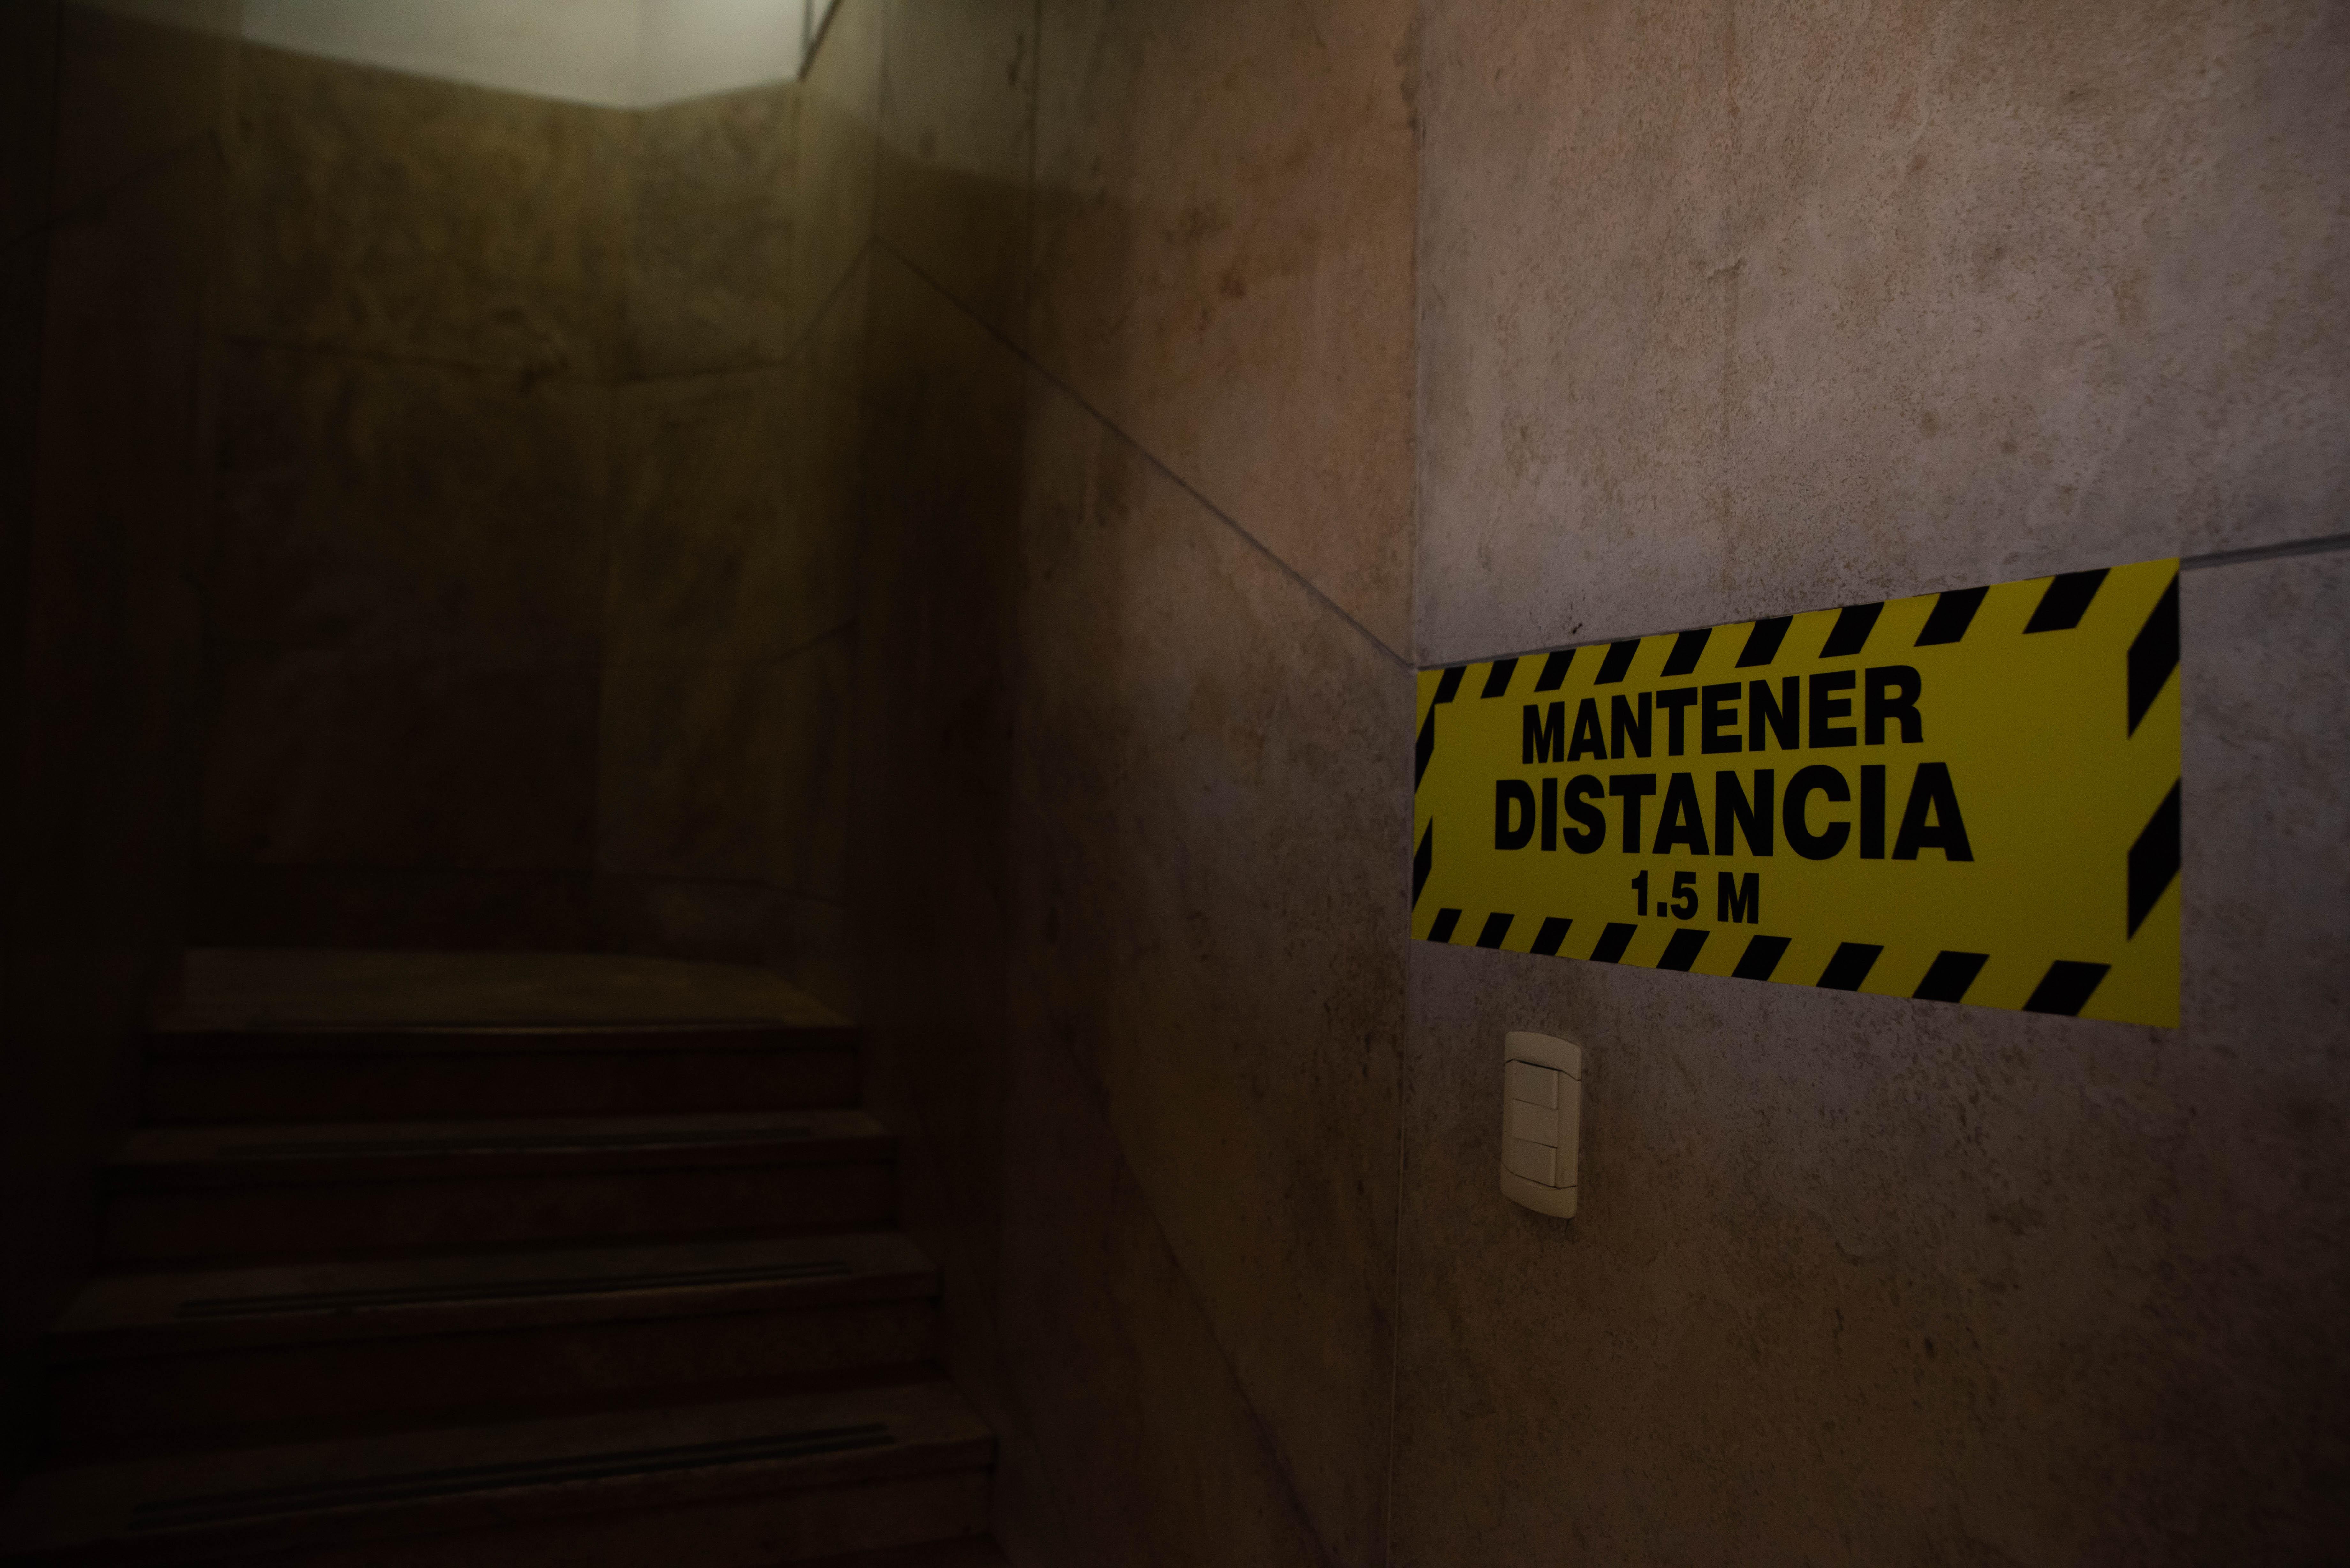 Los carteles en las escaleras. Para usarlas hay que guardar distancia.